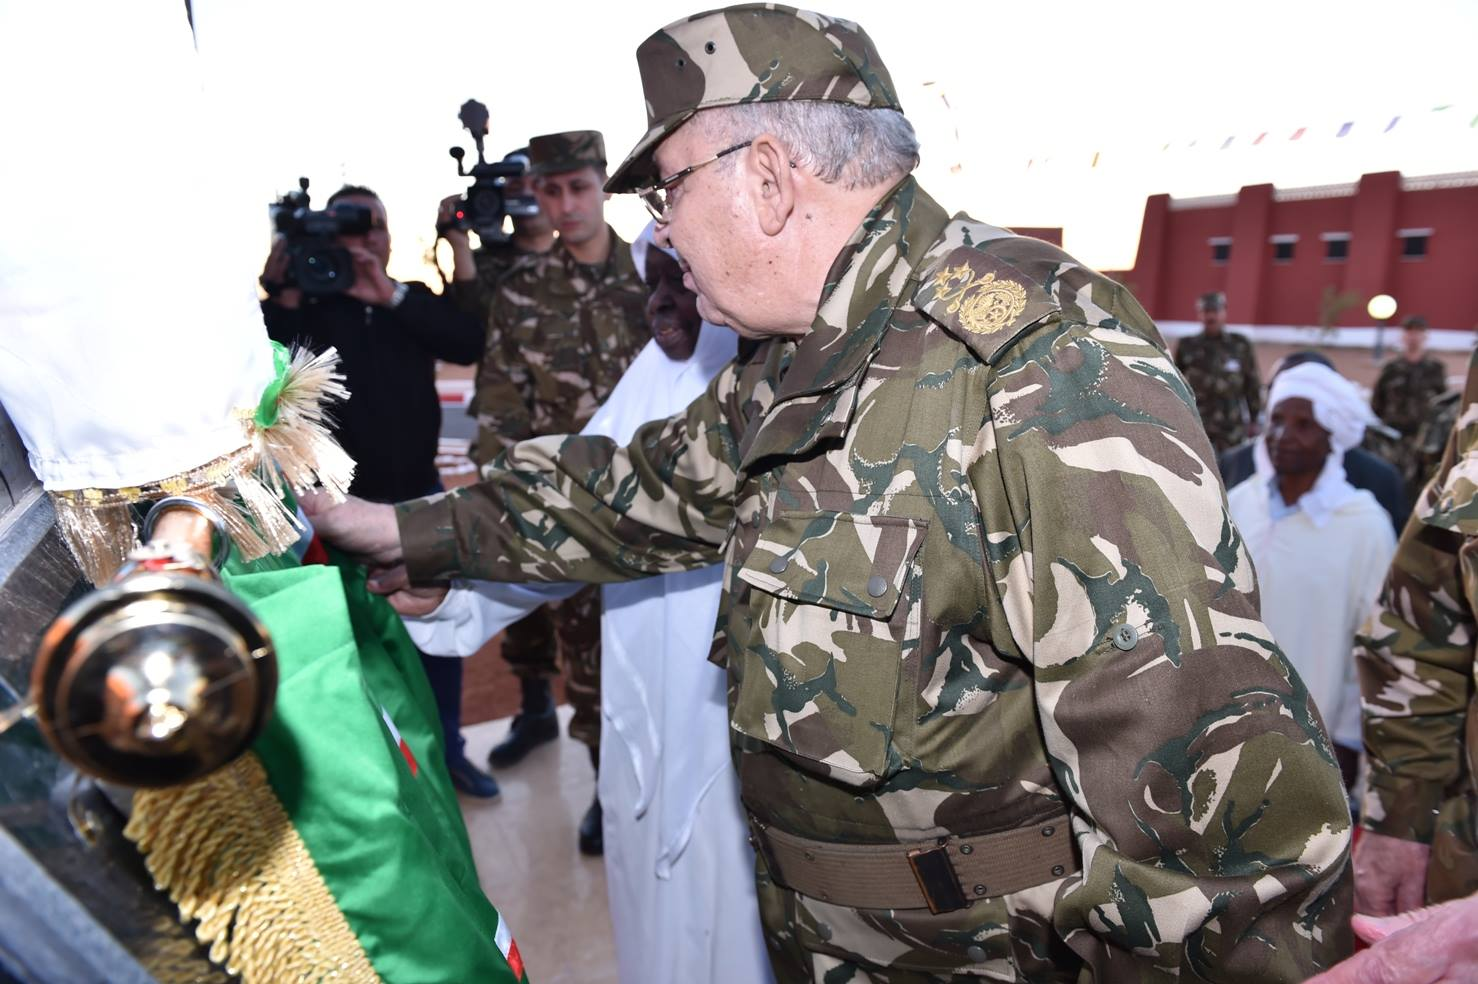 الجزائر : صلاحيات نائب وزير الدفاع الوطني - صفحة 5 30267336504_91f2e4591b_o